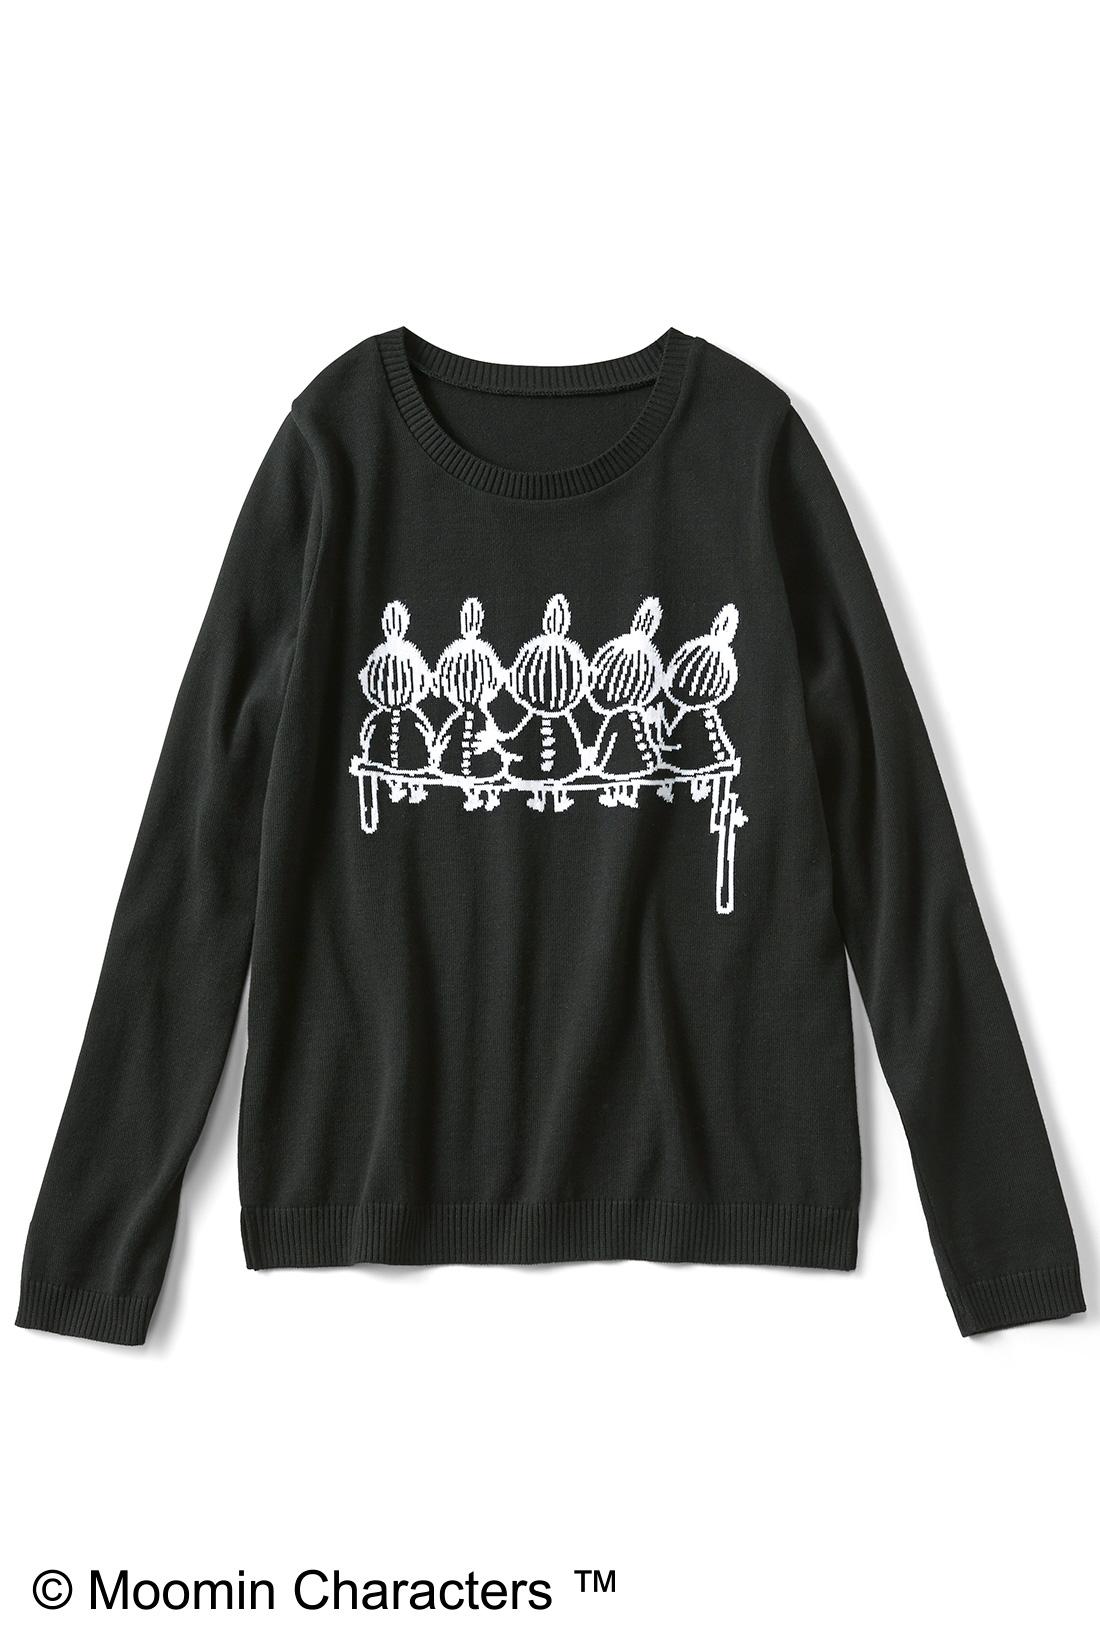 [リトルミイの姉妹・ブラック]プリントじゃなくて編み模様で表現しているので、なんとなくオトナっぽく見えない? すそのスリットもチャームポイント。